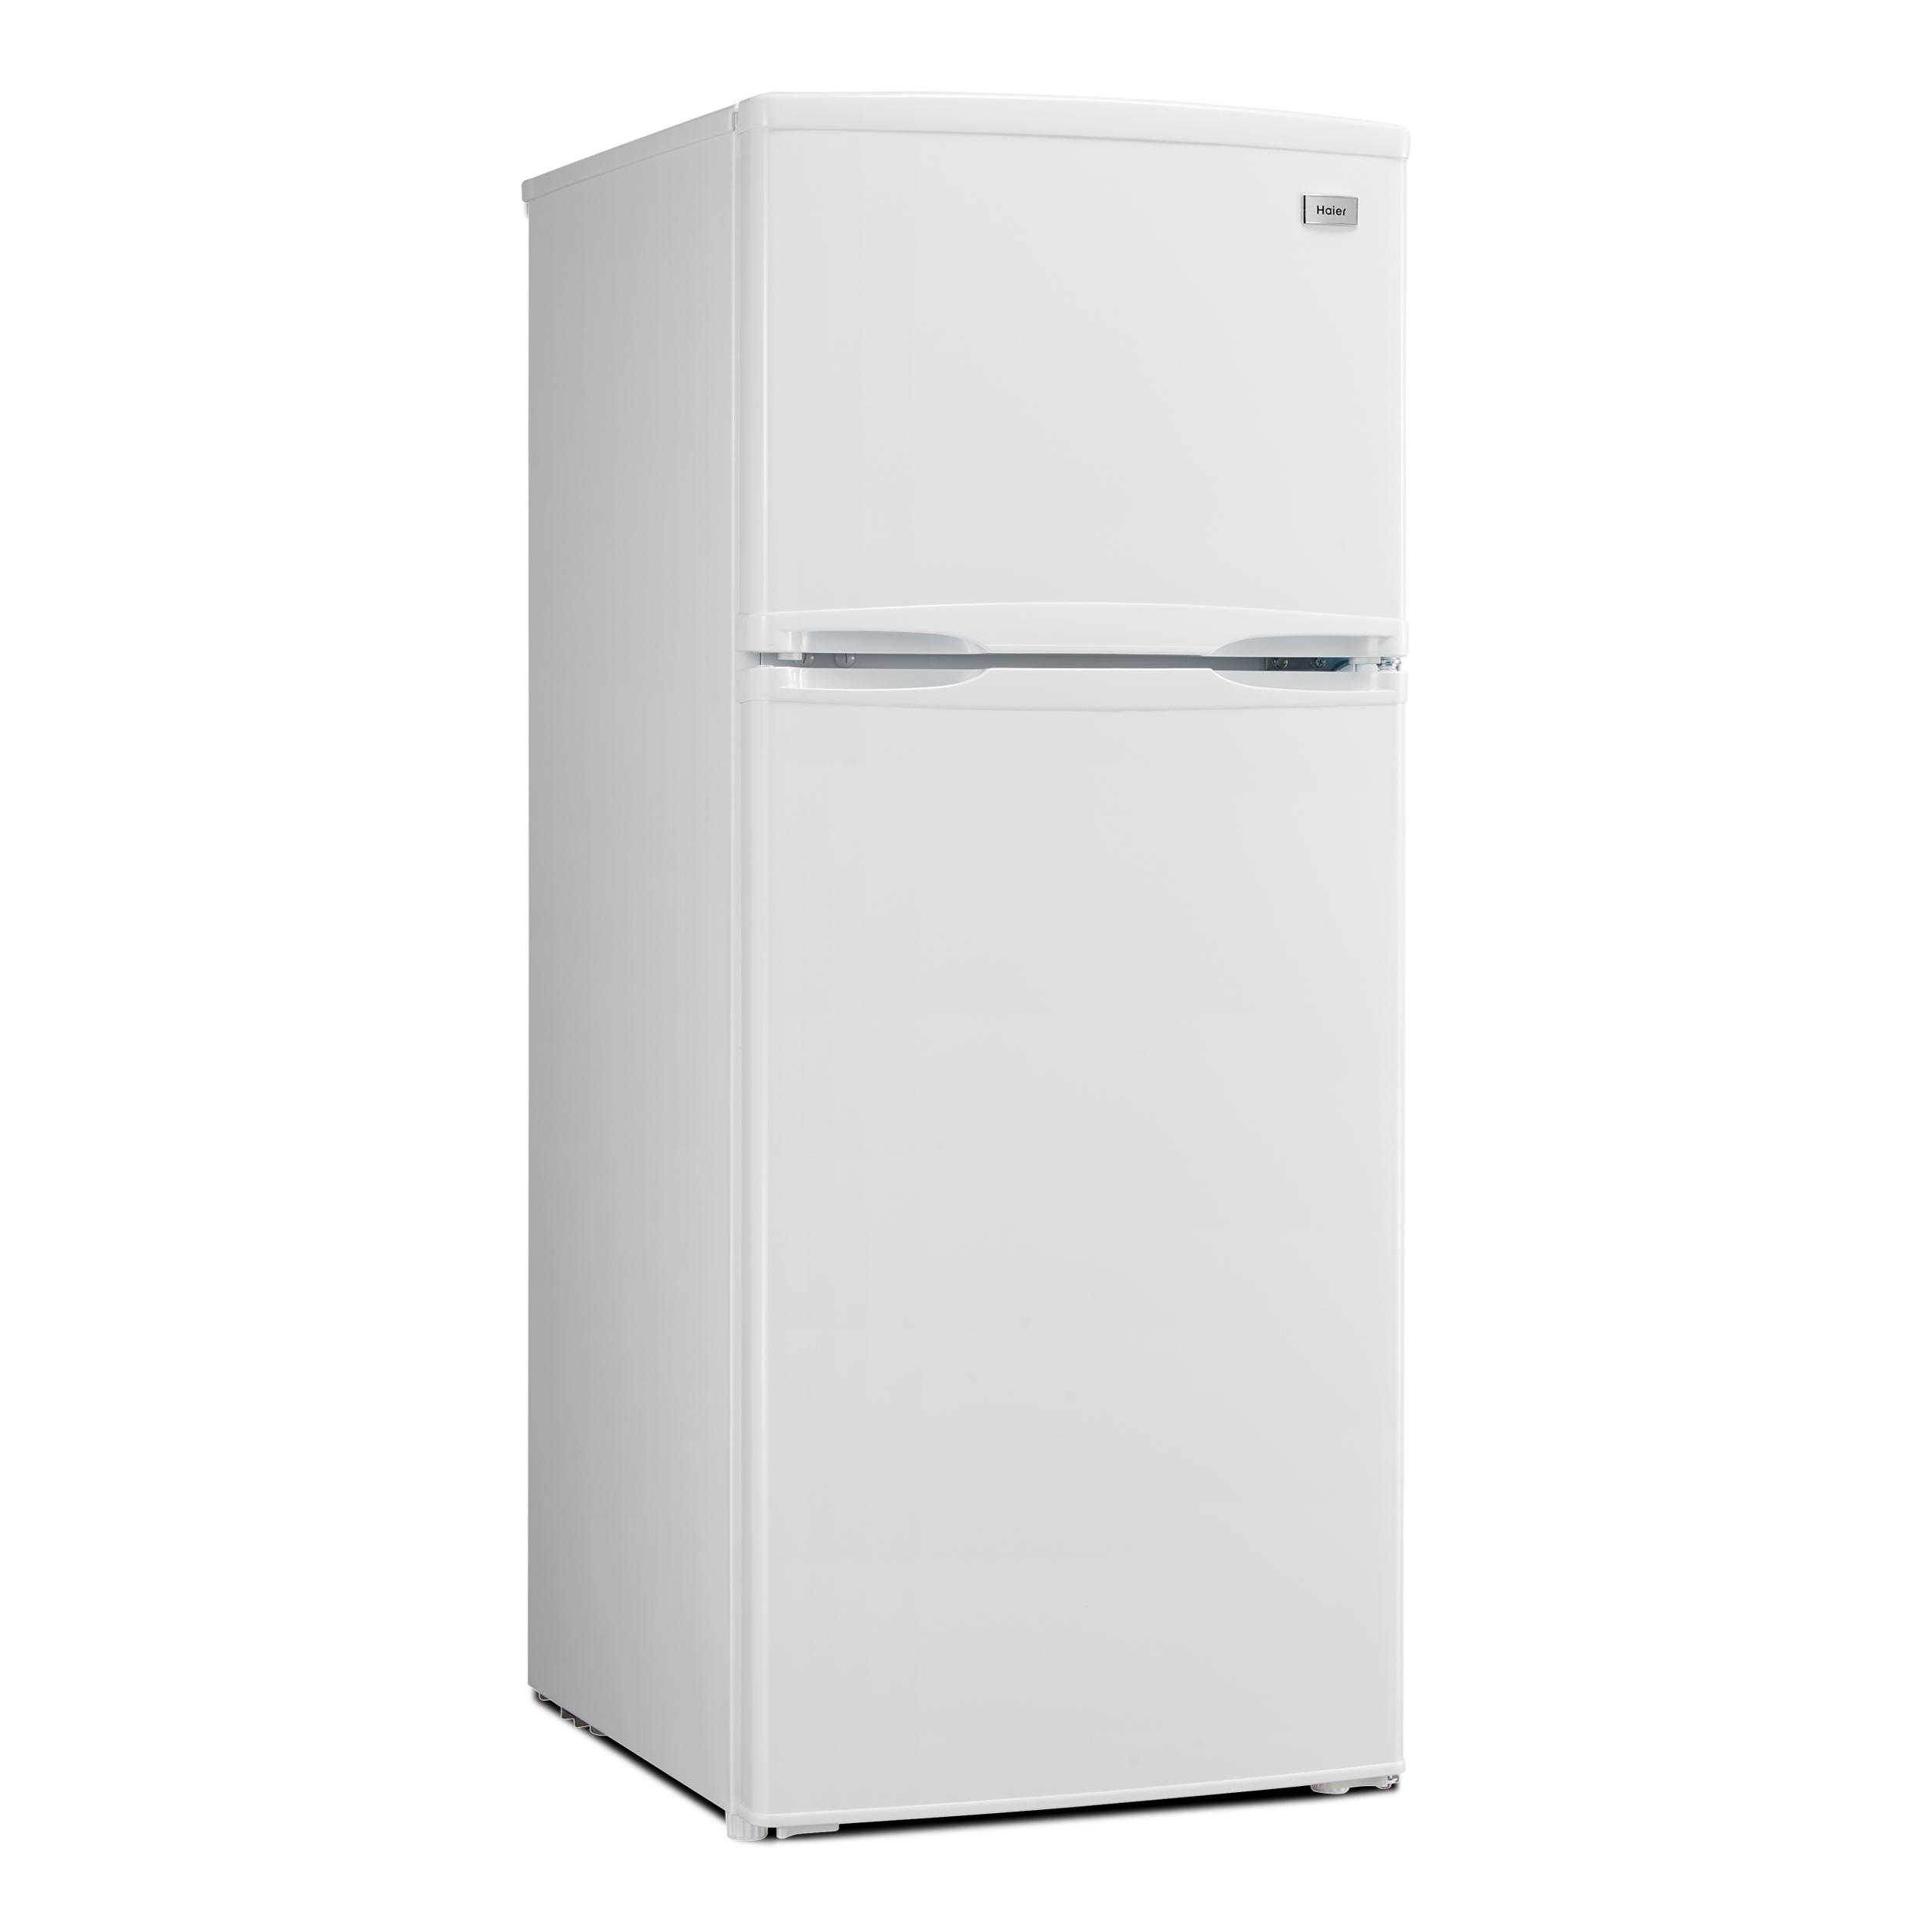 하이얼 1등급 일반소형냉장고 155L 방문설치, HRT165MDW(리얼화이트)